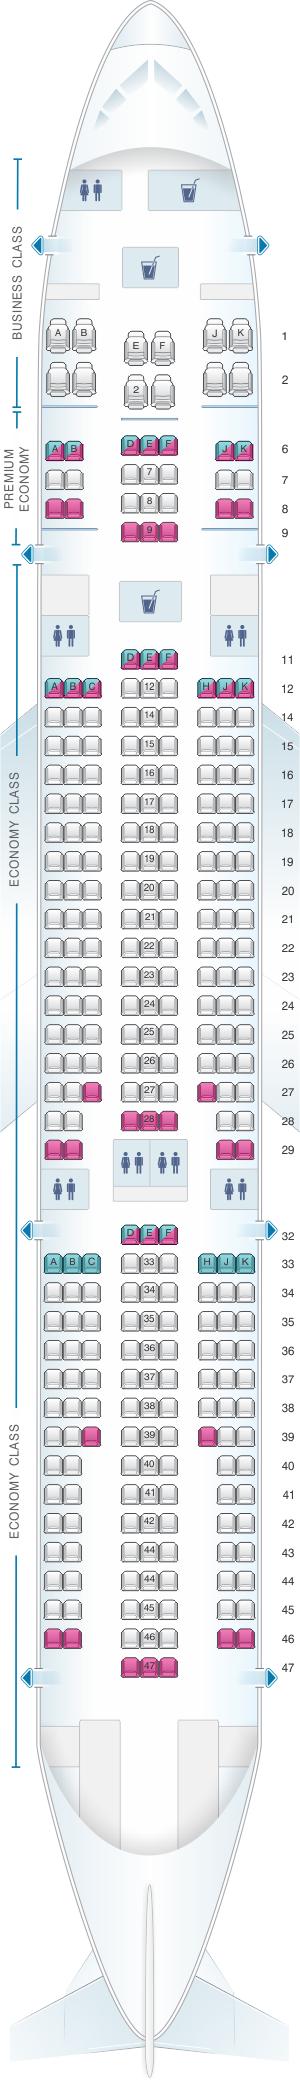 Seat map for Air Caraibes Airbus A330 200 303PAX